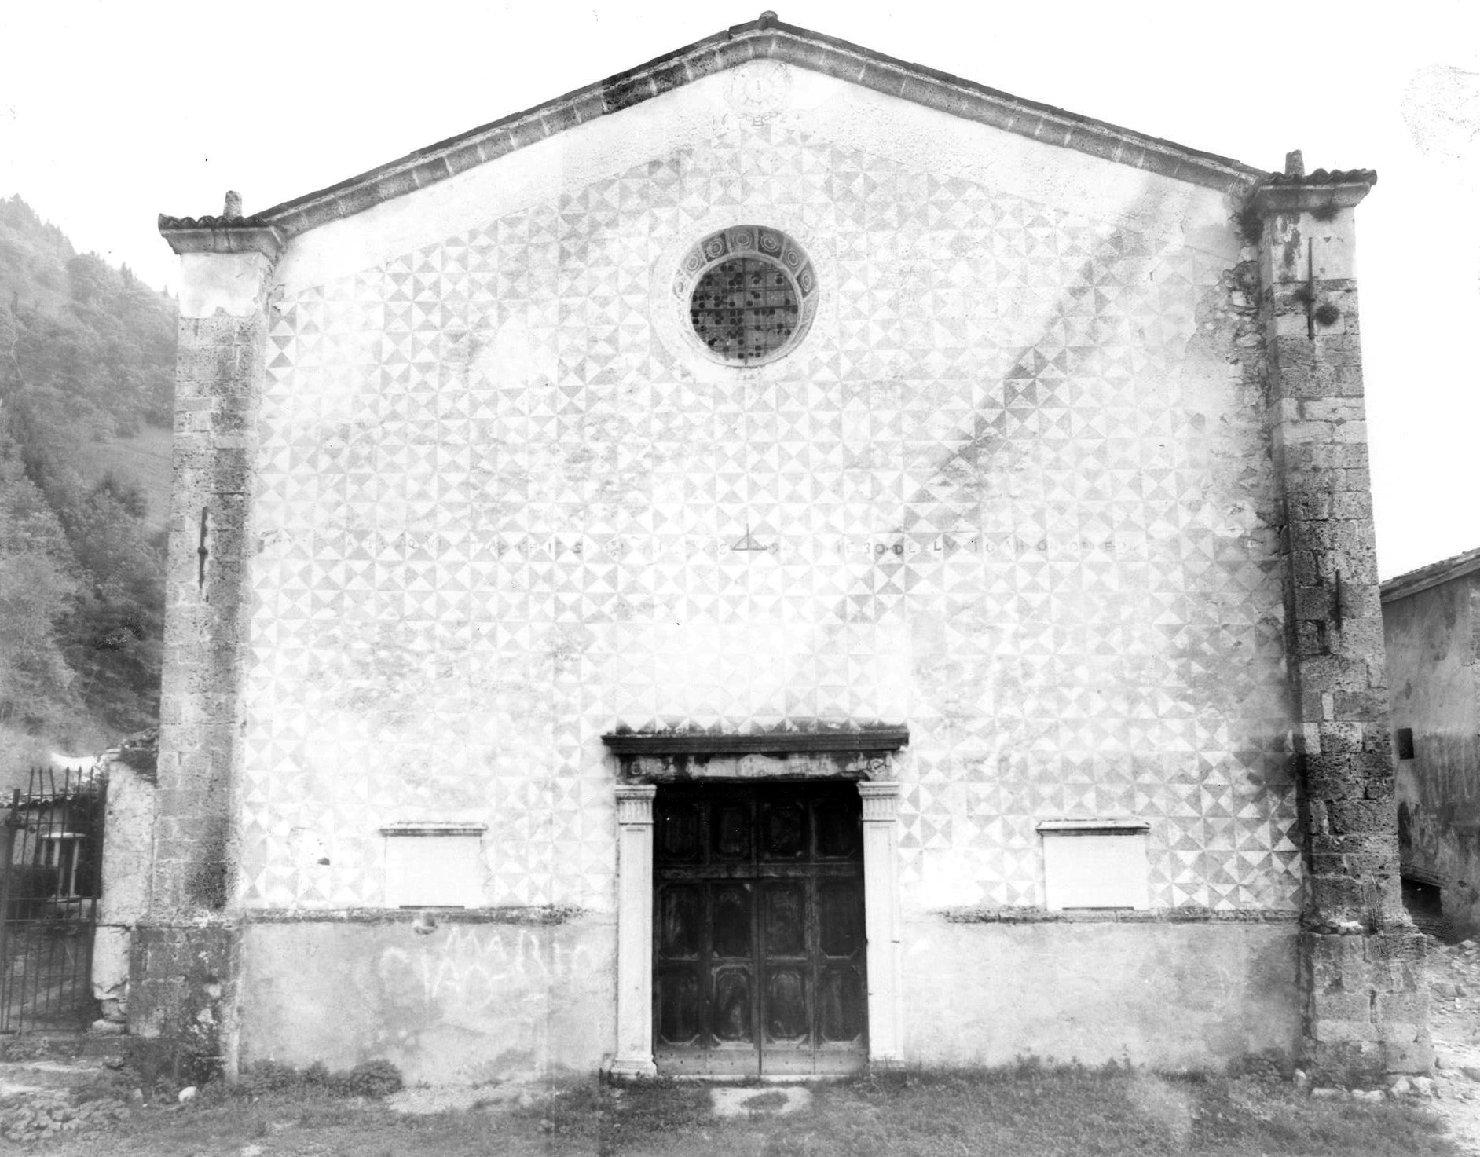 Chiesa di S. Lorenzo (chiesa, parrocchiale) - Bovegno (BS)